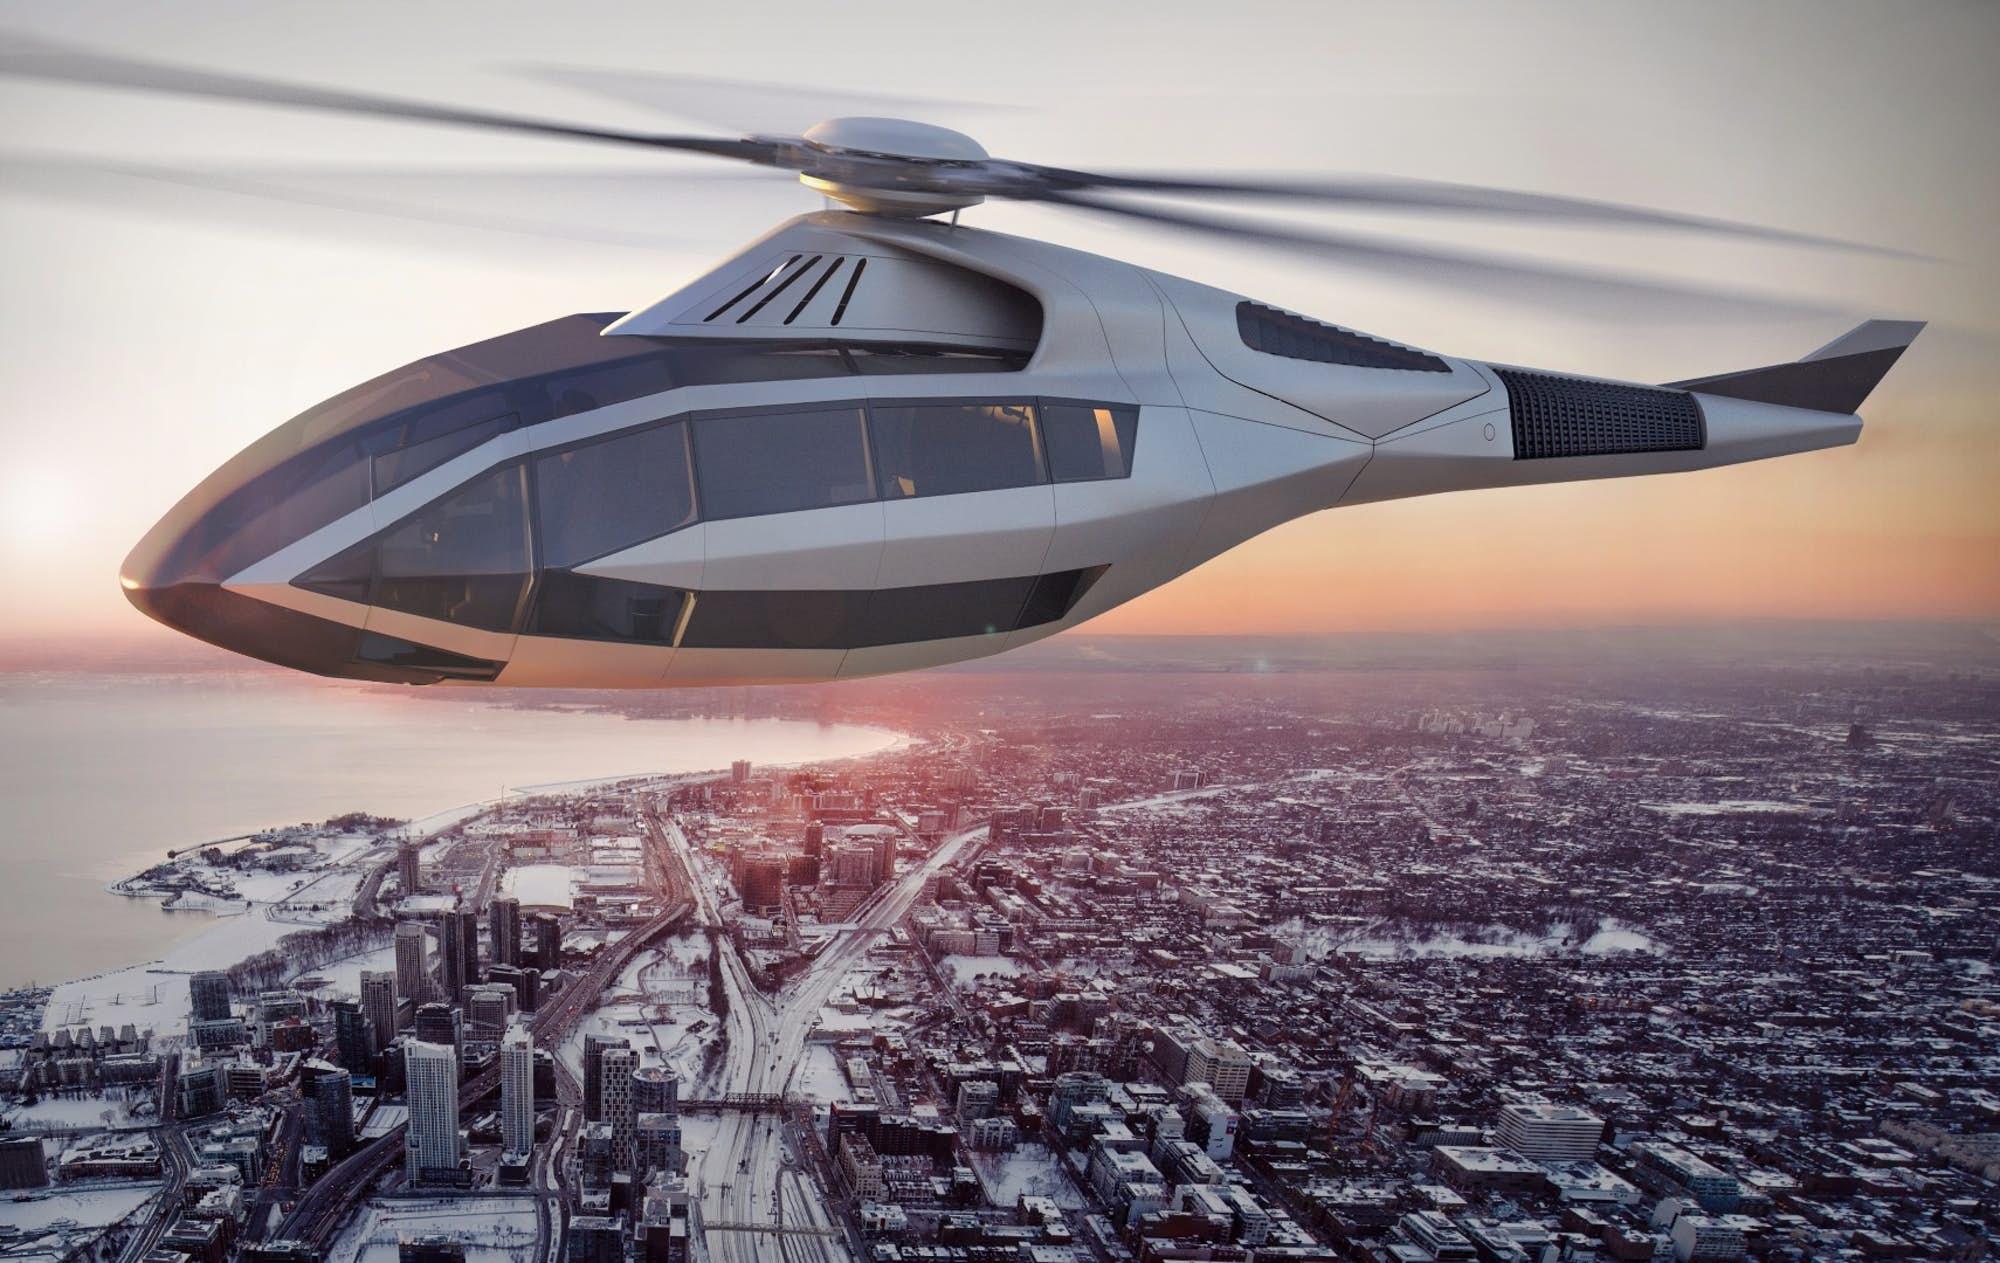 Montar en helicóptero nunca volverá a ser lo mismo con este futurista FCX-001